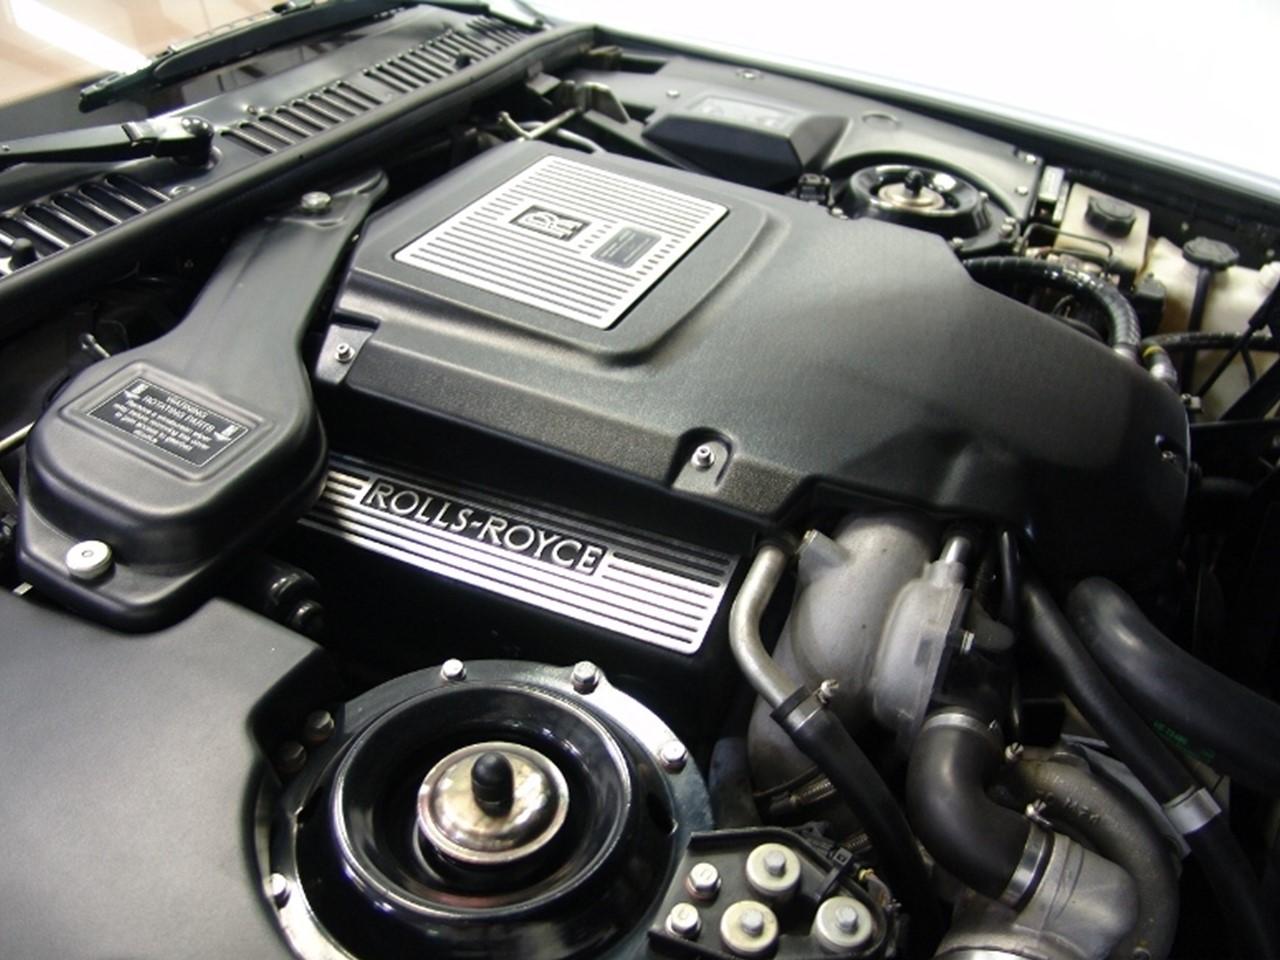 6.75 litre V8 2